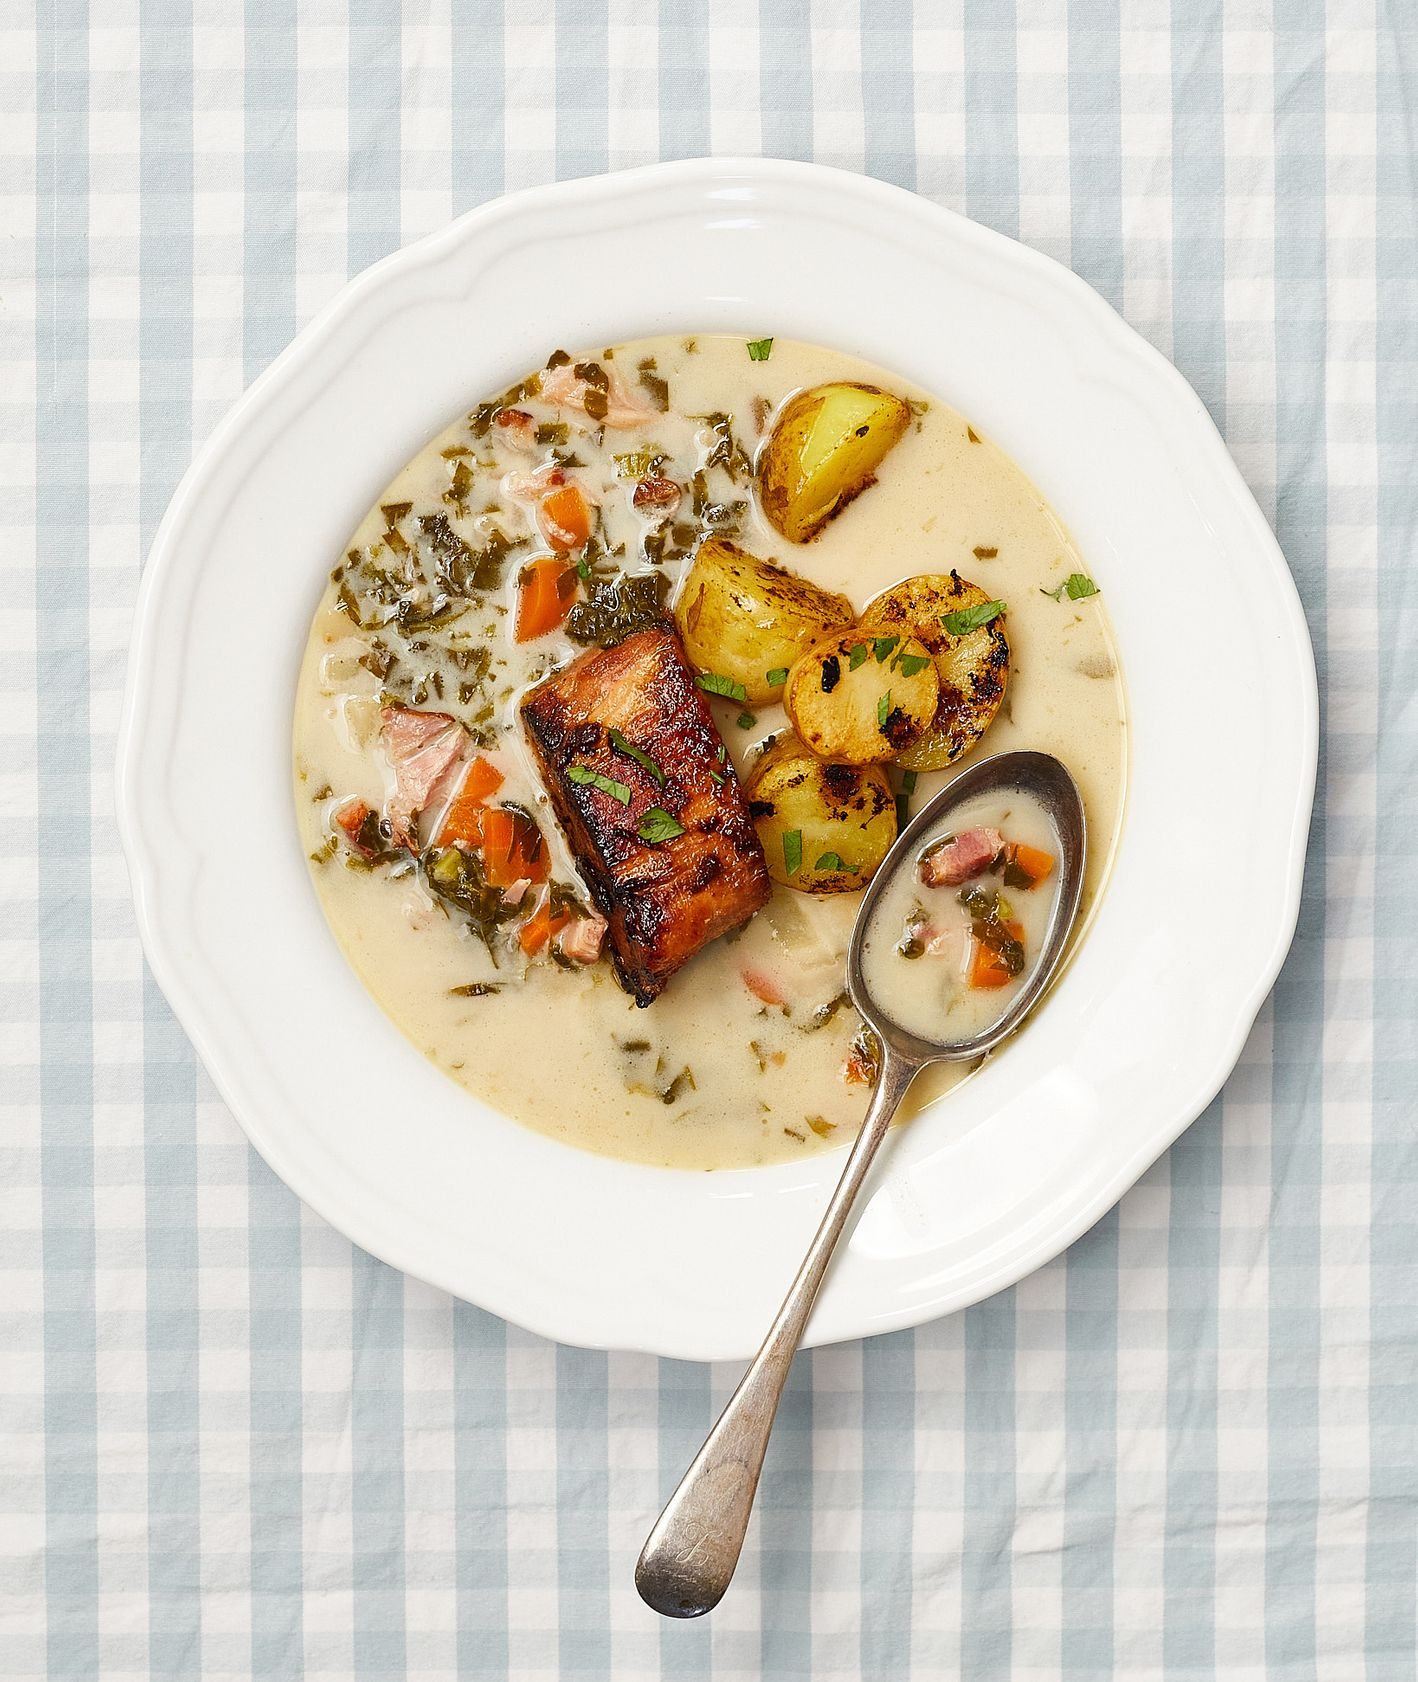 Zupy. Szczawiowa na wędzonce ze smażonymi ziemniakami  (fot. Maciek Niemojewski)